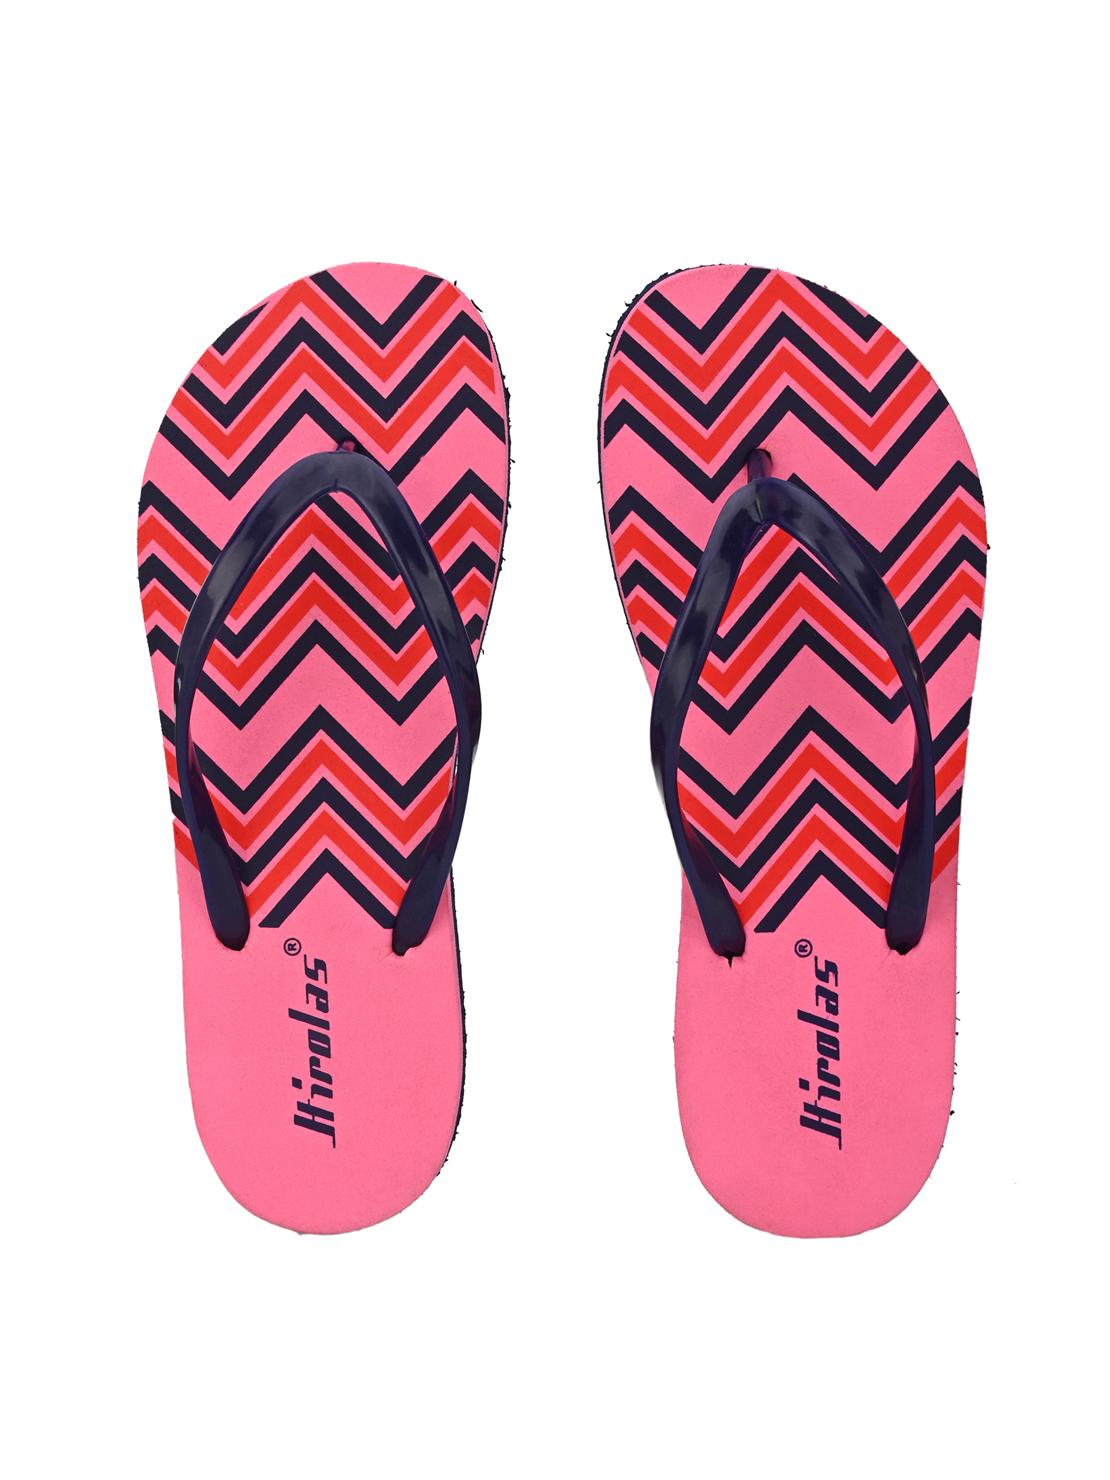 Hirolas | Hirolas® printed Flip Flop  Slippers for Women - Pink/Blue